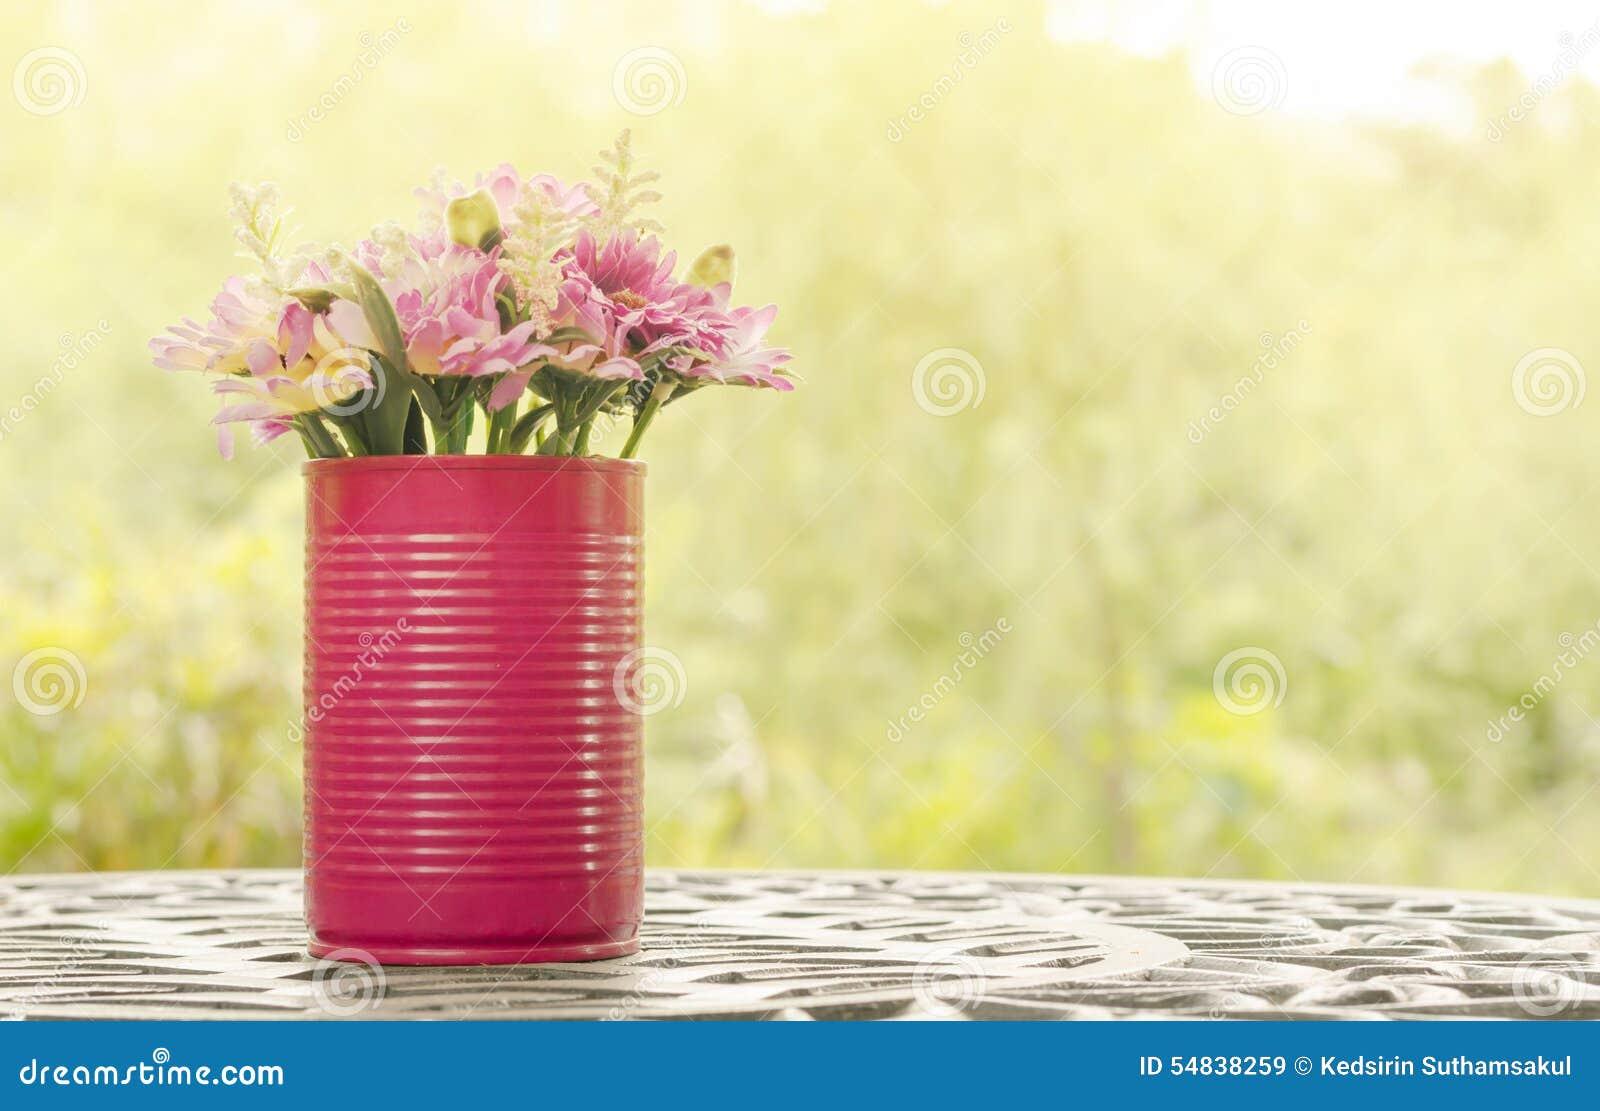 Beautiful flower in vase on table in vintage style stock image beautiful flower in vase on table in vintage style reviewsmspy